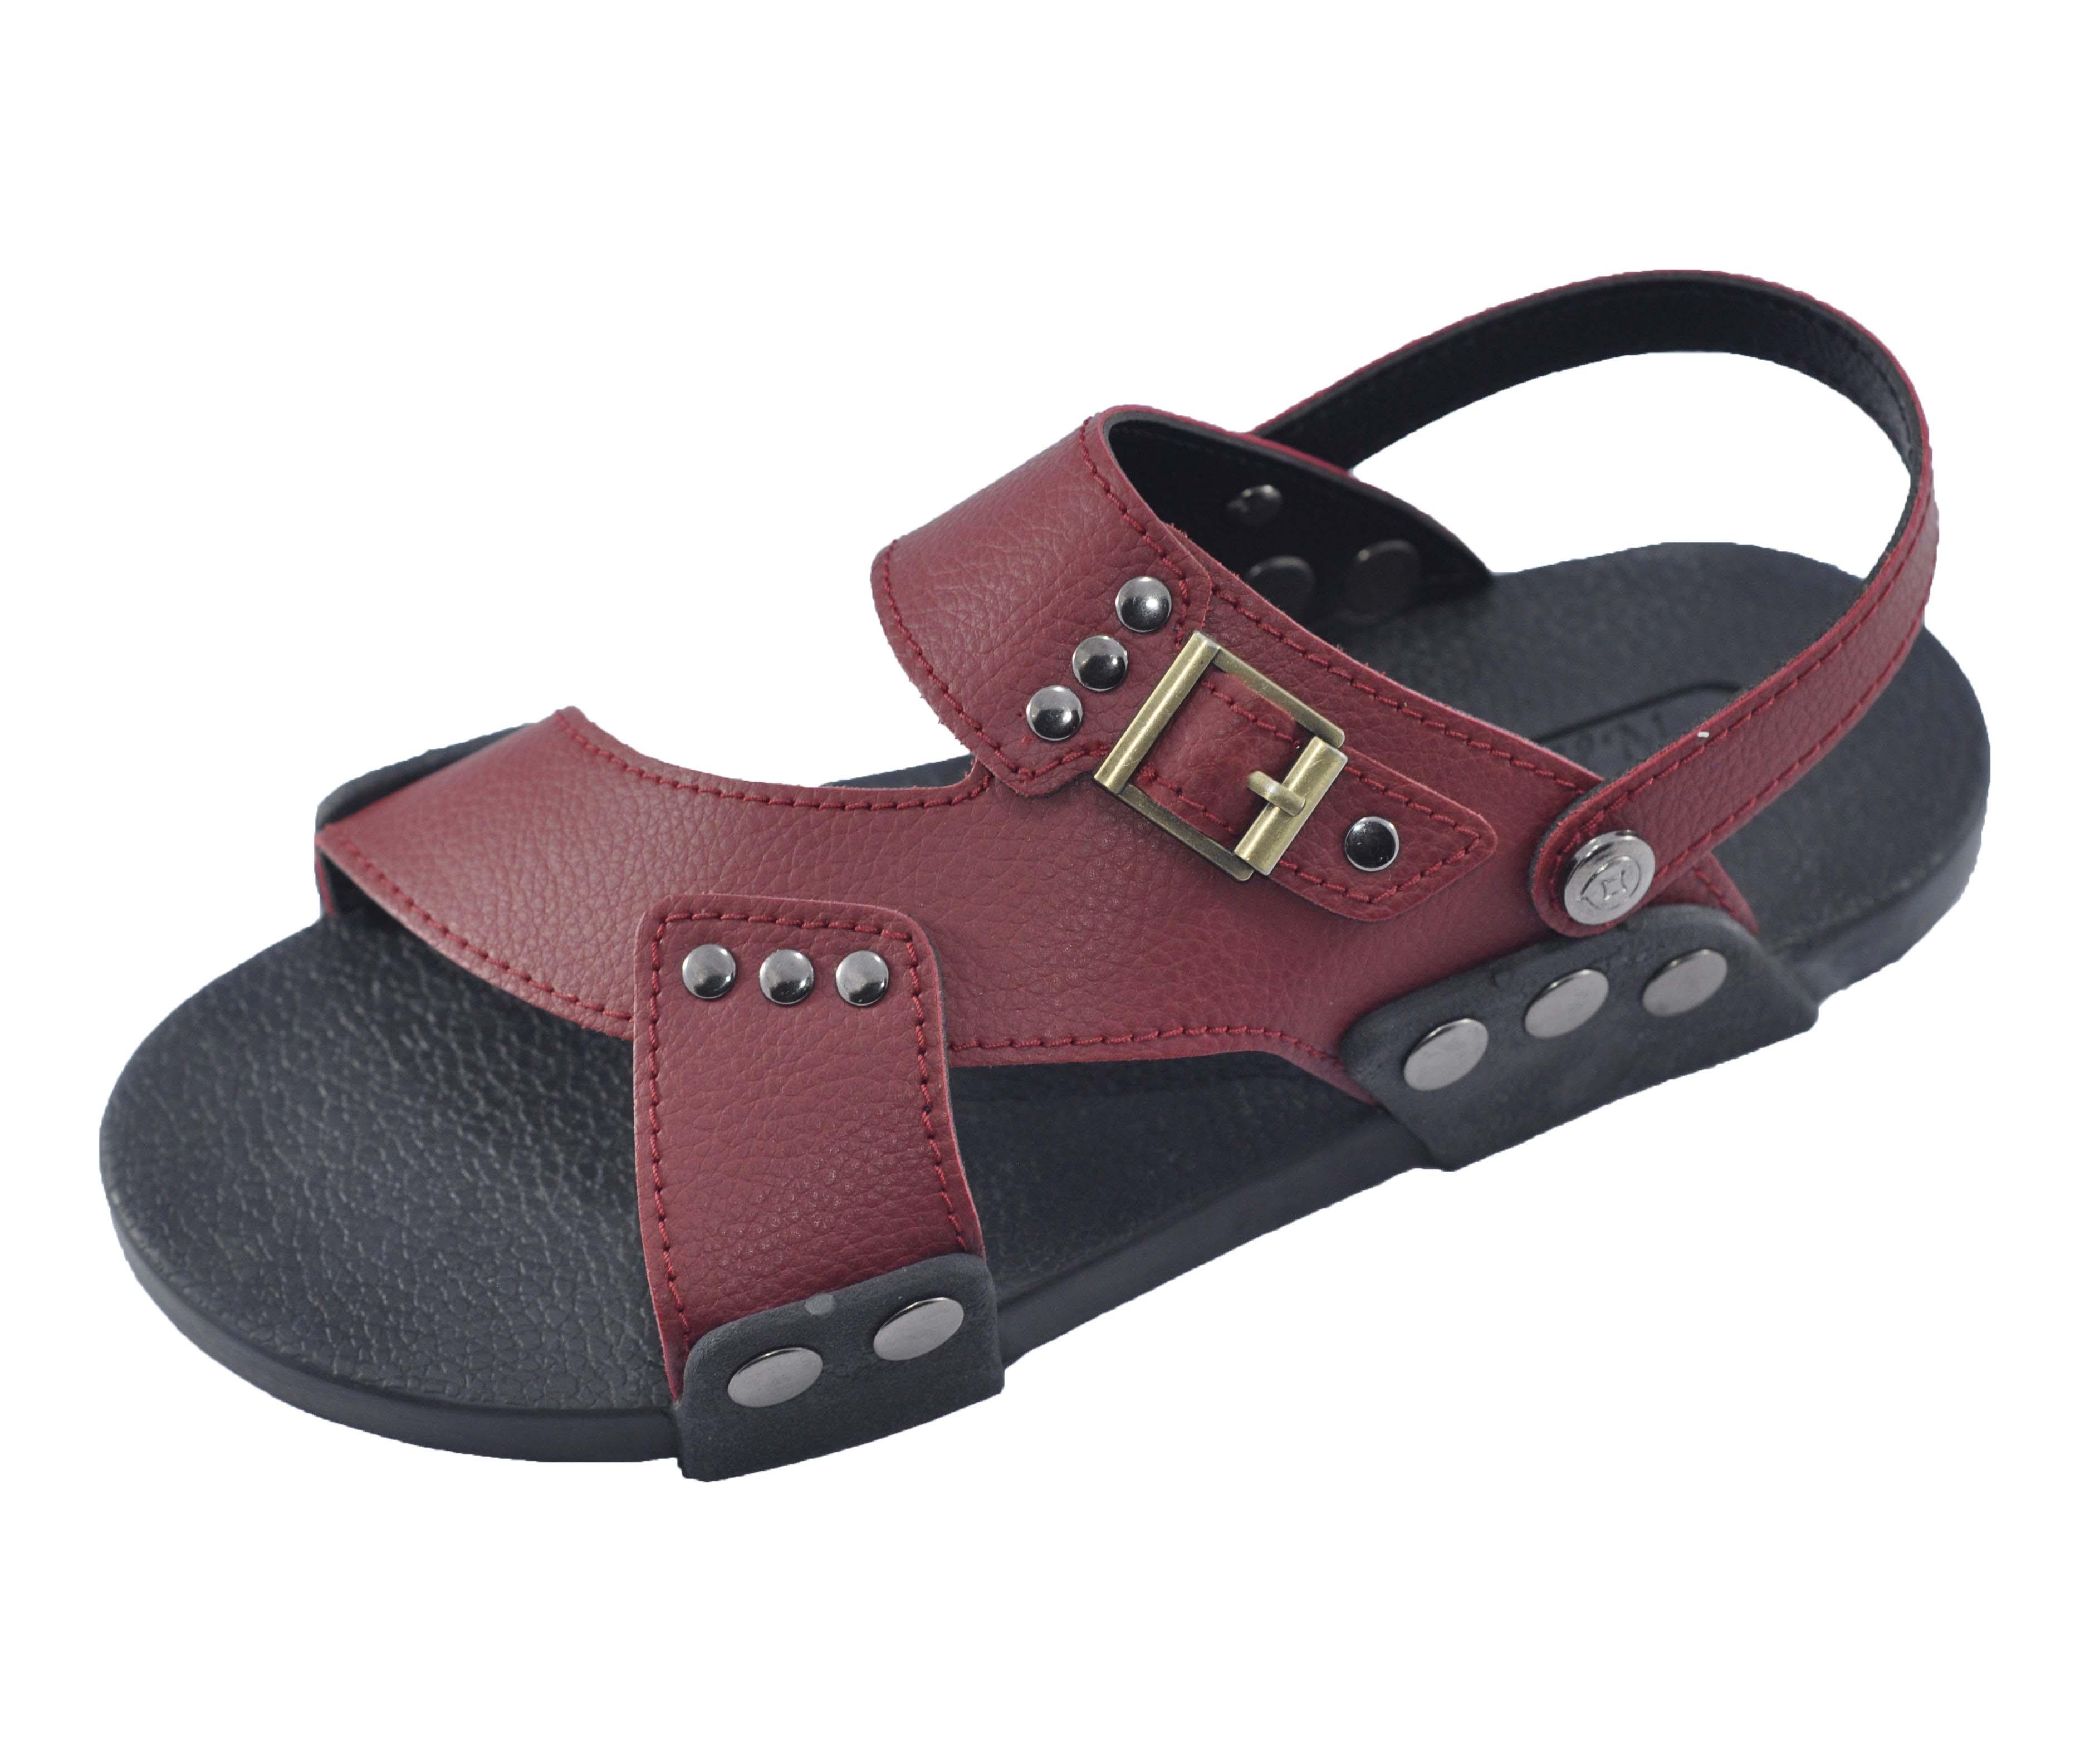 Giày quai hậu nam quai chéo thời trang - TPU-23A ( Đen)